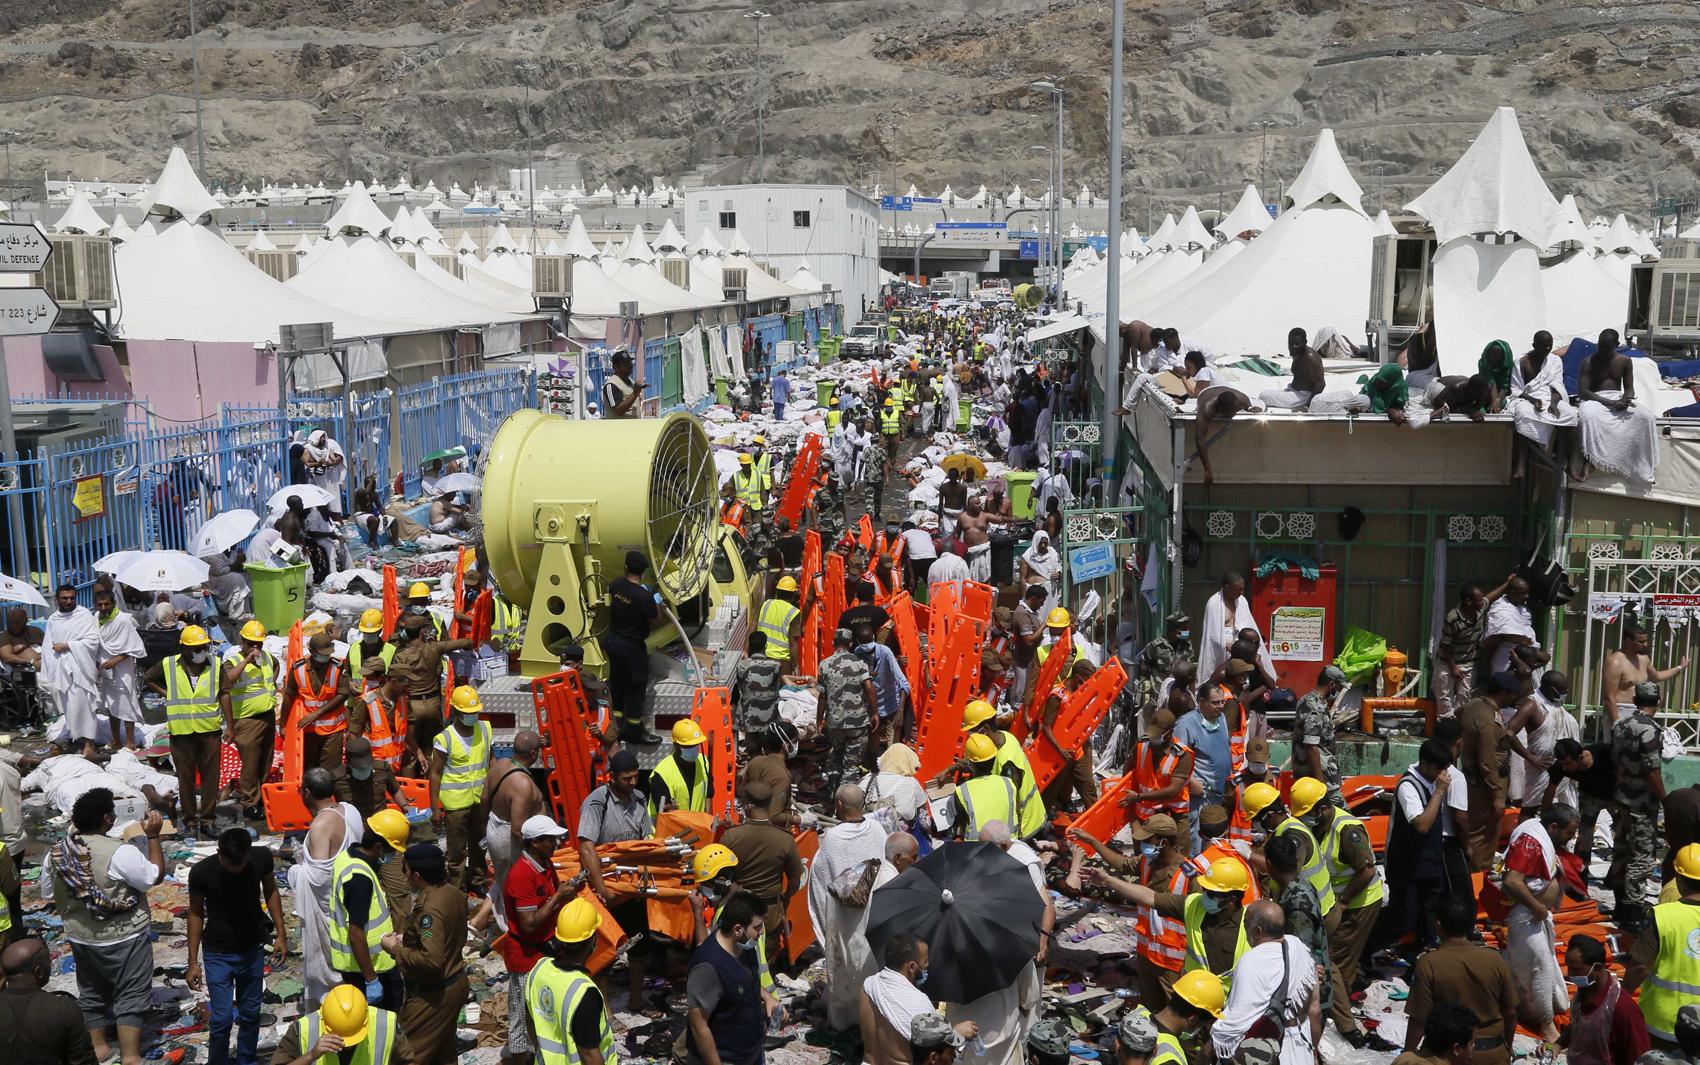 Peregrinos muçulmanos e equipes de resgate são fotografados ao lado das vítimas do tumulto que deixou centenas de mortos em Meca, nesta quinta-feira (24)